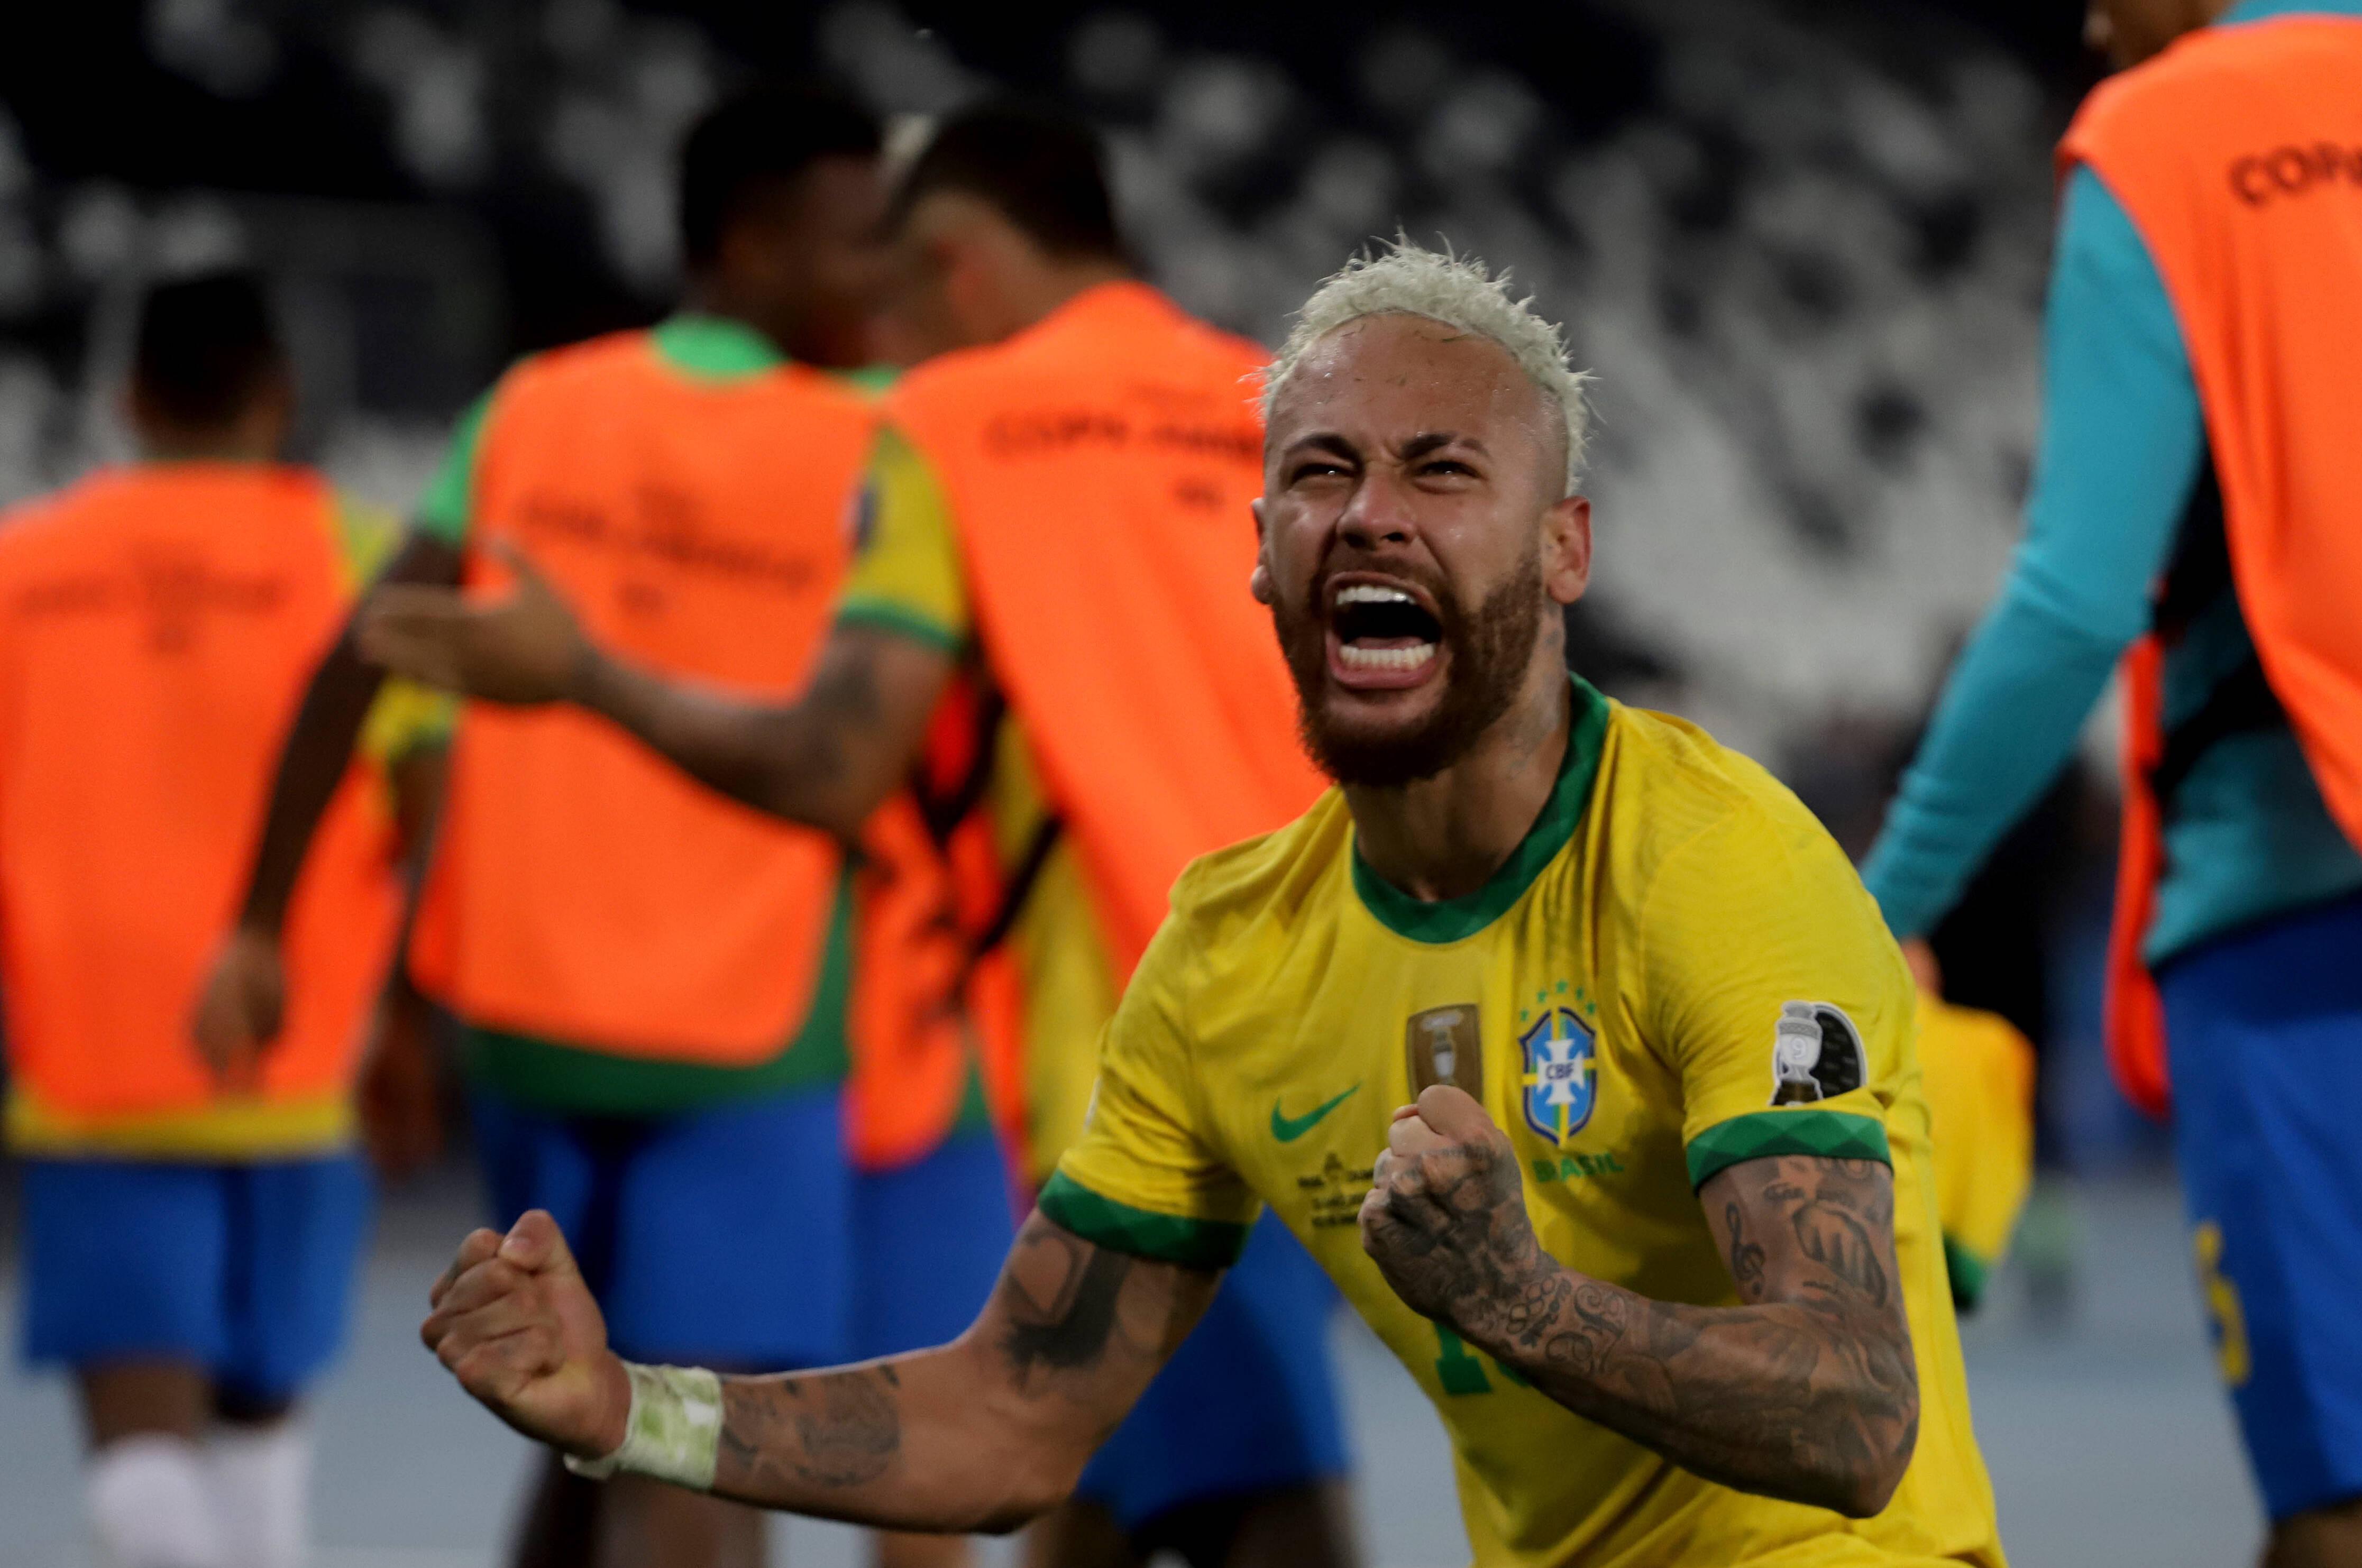 วิดีโอ: Neymar & Miguel Borja เถียงกันหลังบราซิลชนะโคลอมเบีย